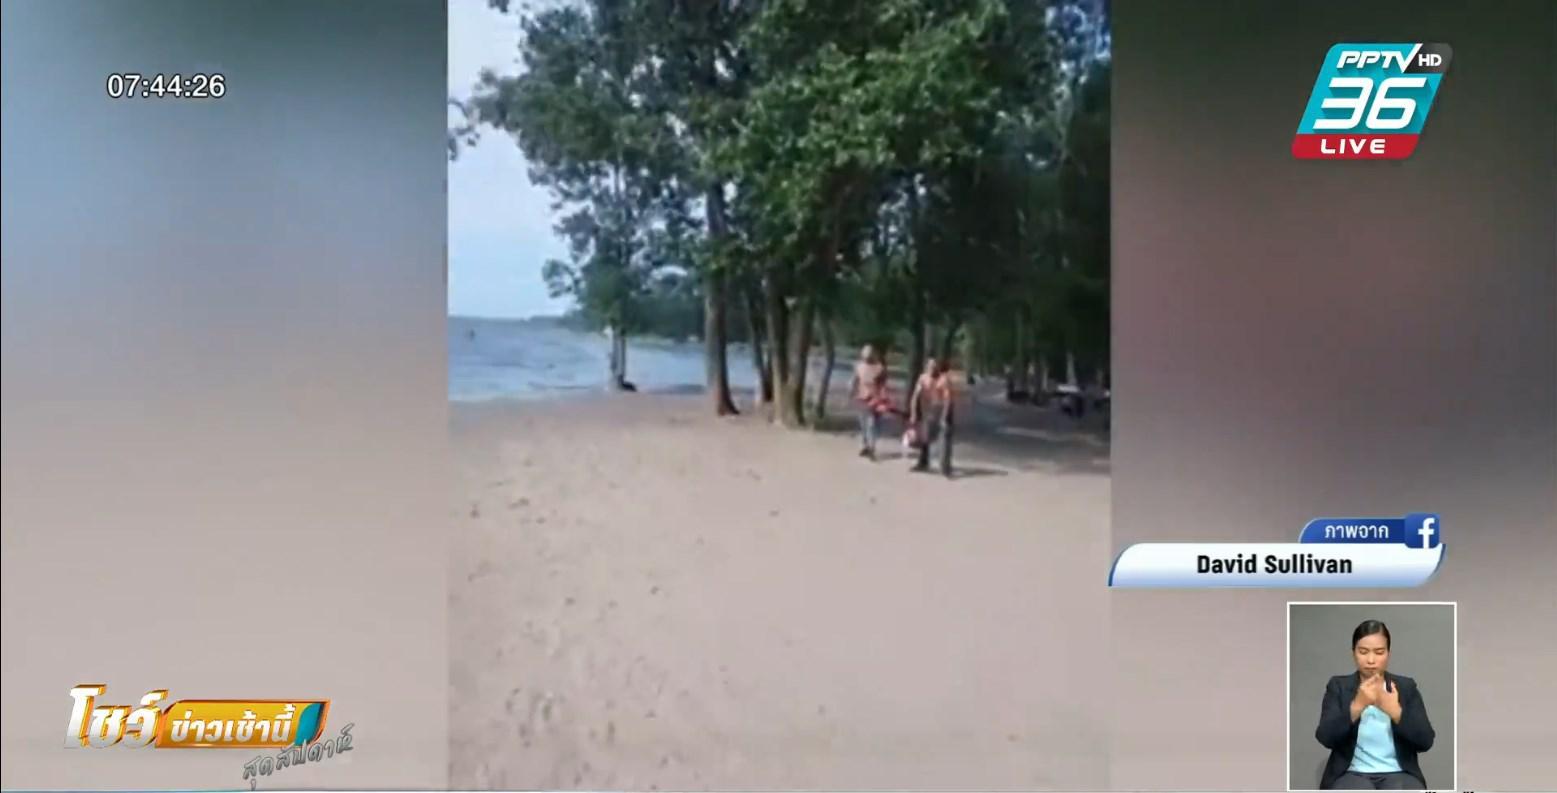 2 หนุ่มคลั่งเลือดท่วมตัว ถือเลื่อยไฟฟ้าอาละวาดริมหาด